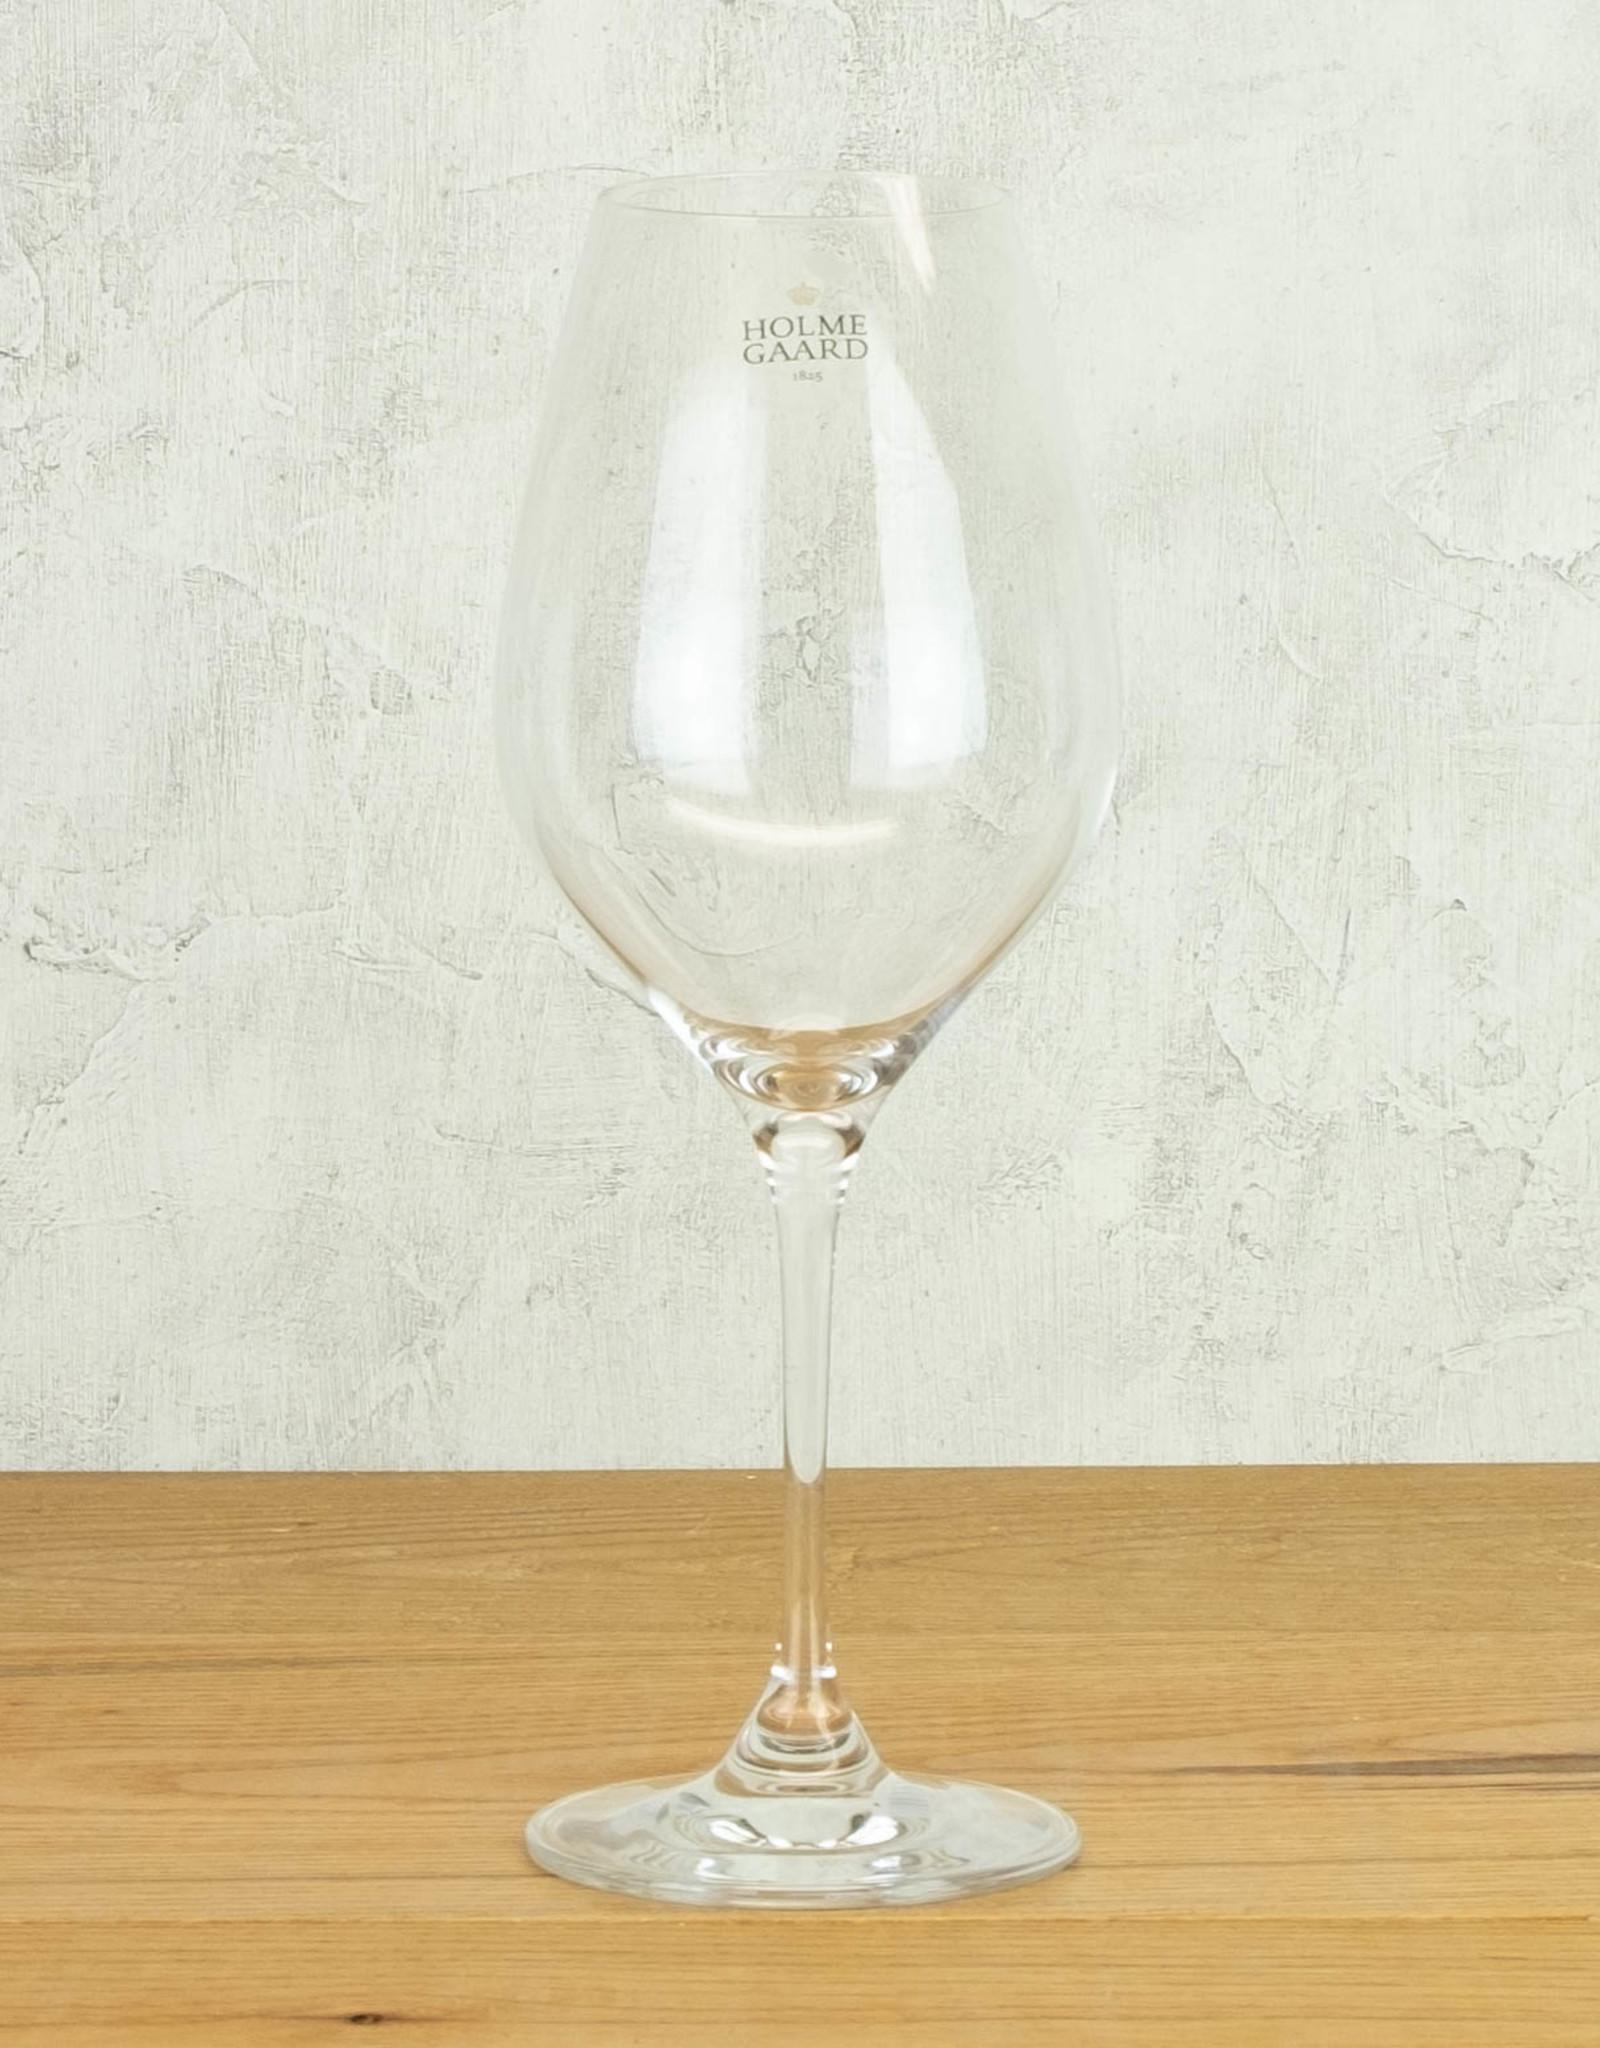 Holmegaard White Wine Glass